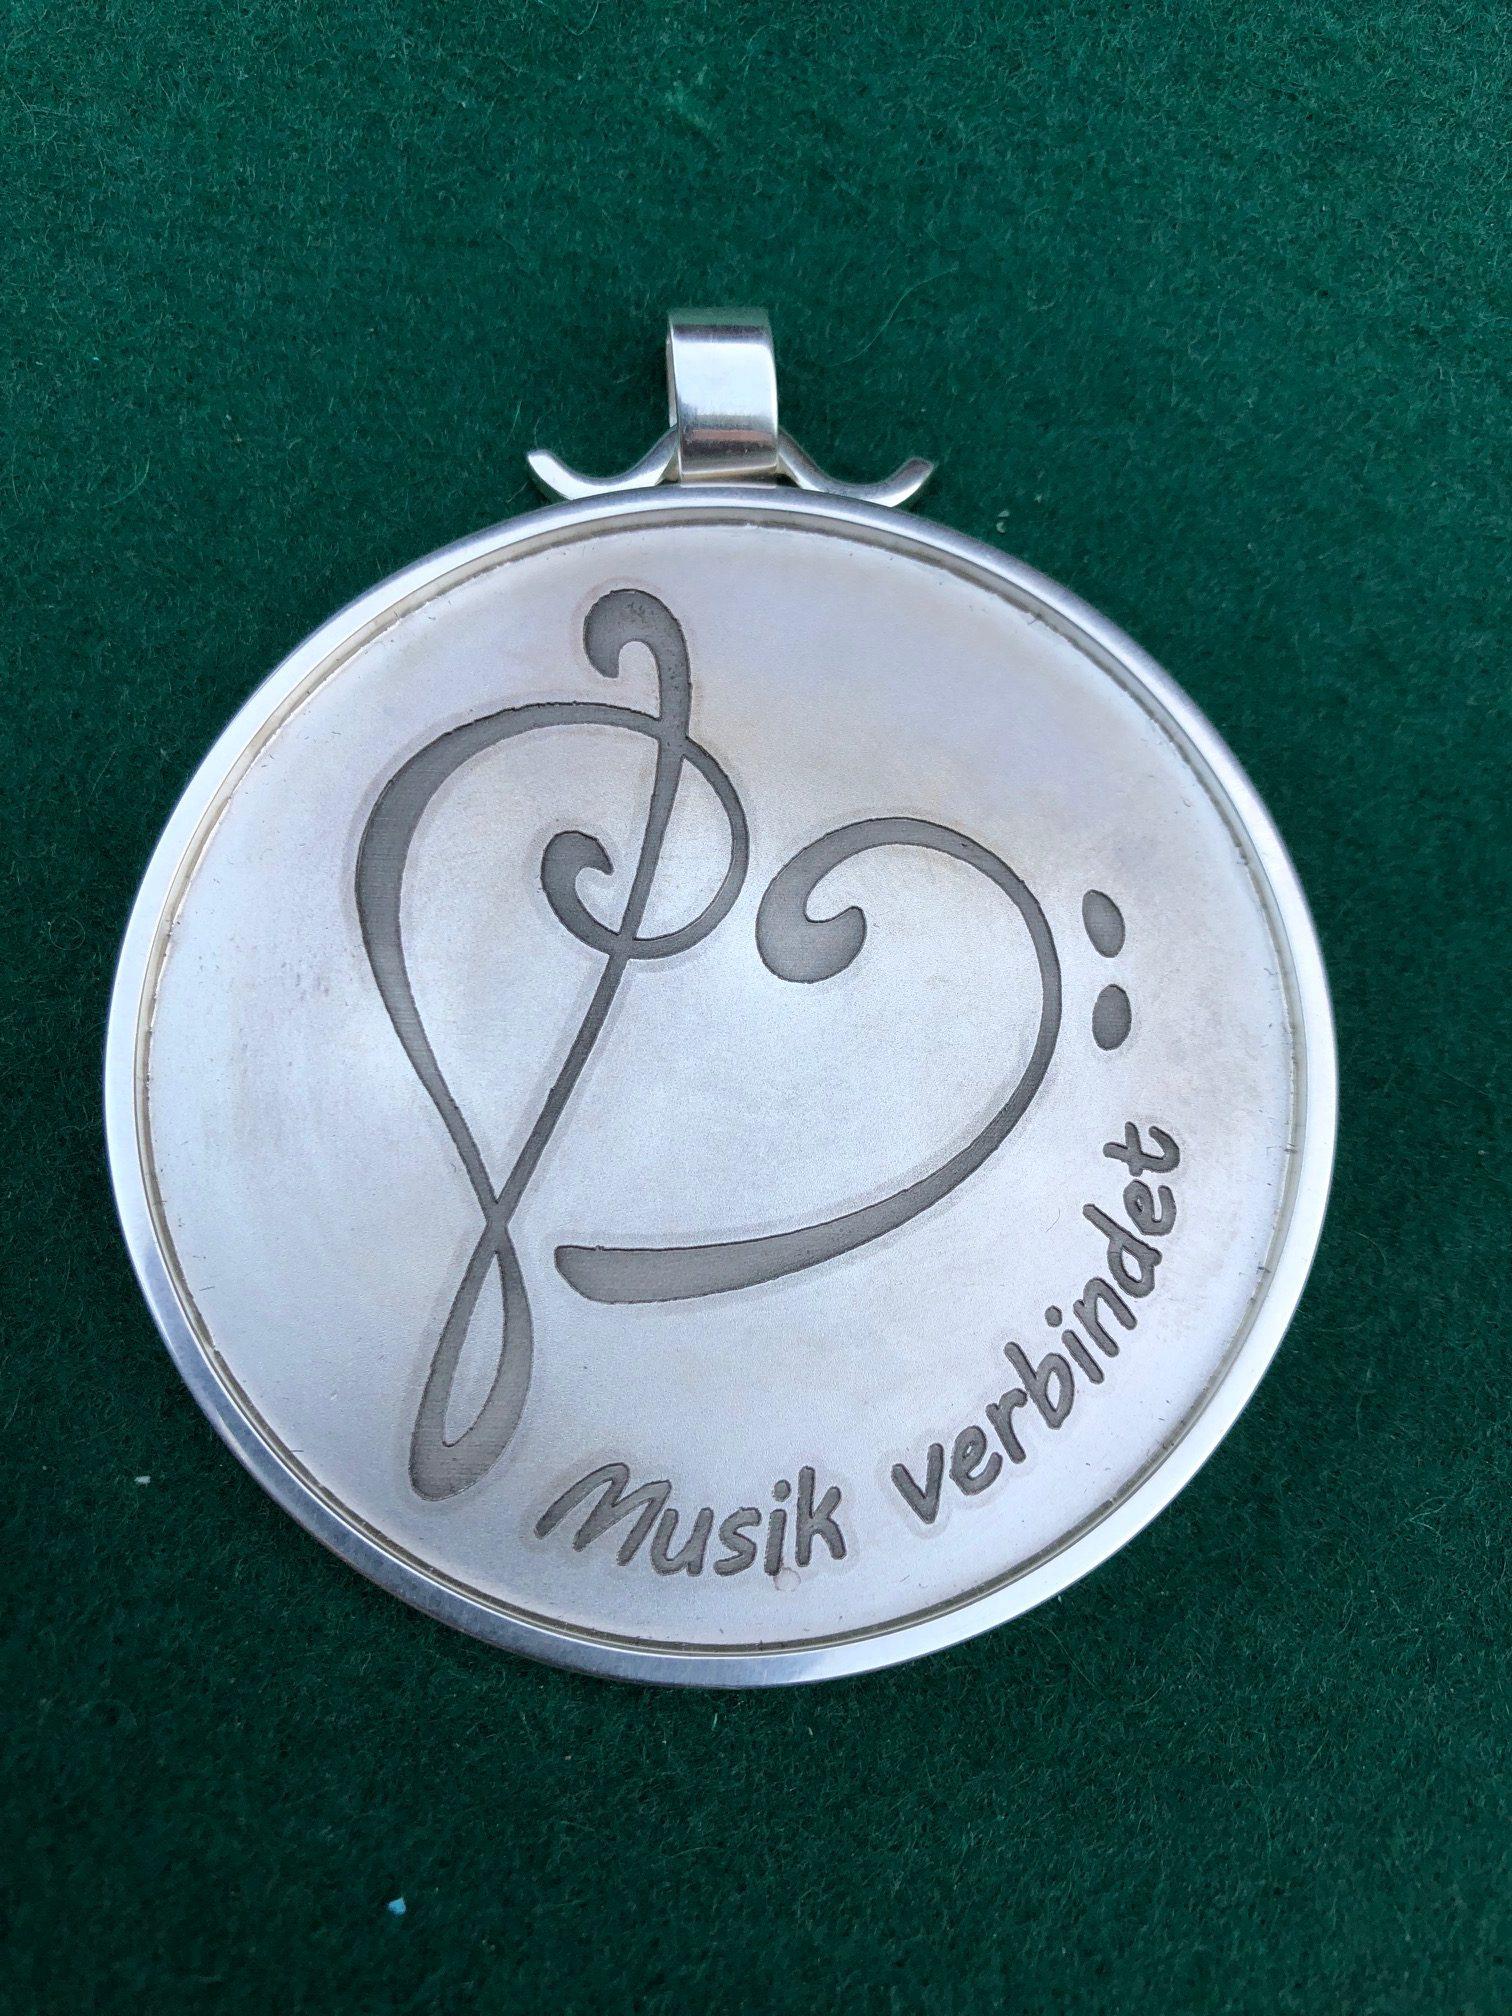 Schützenorden ziert die Verbundenheit zur Musik-Schützenverein ...